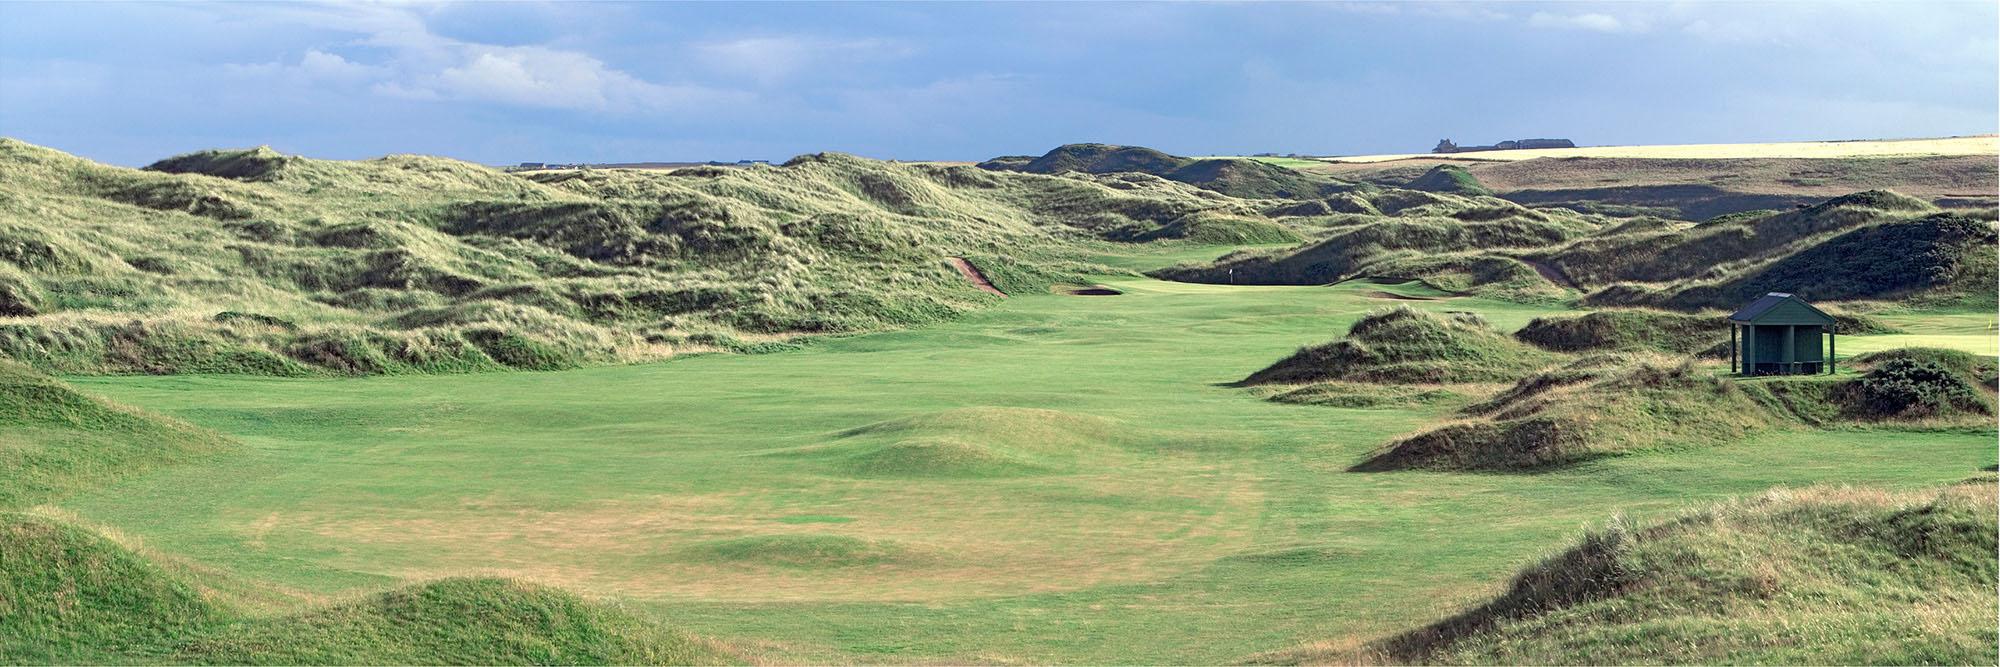 Golf Course Image - Cruden Bay No. 5